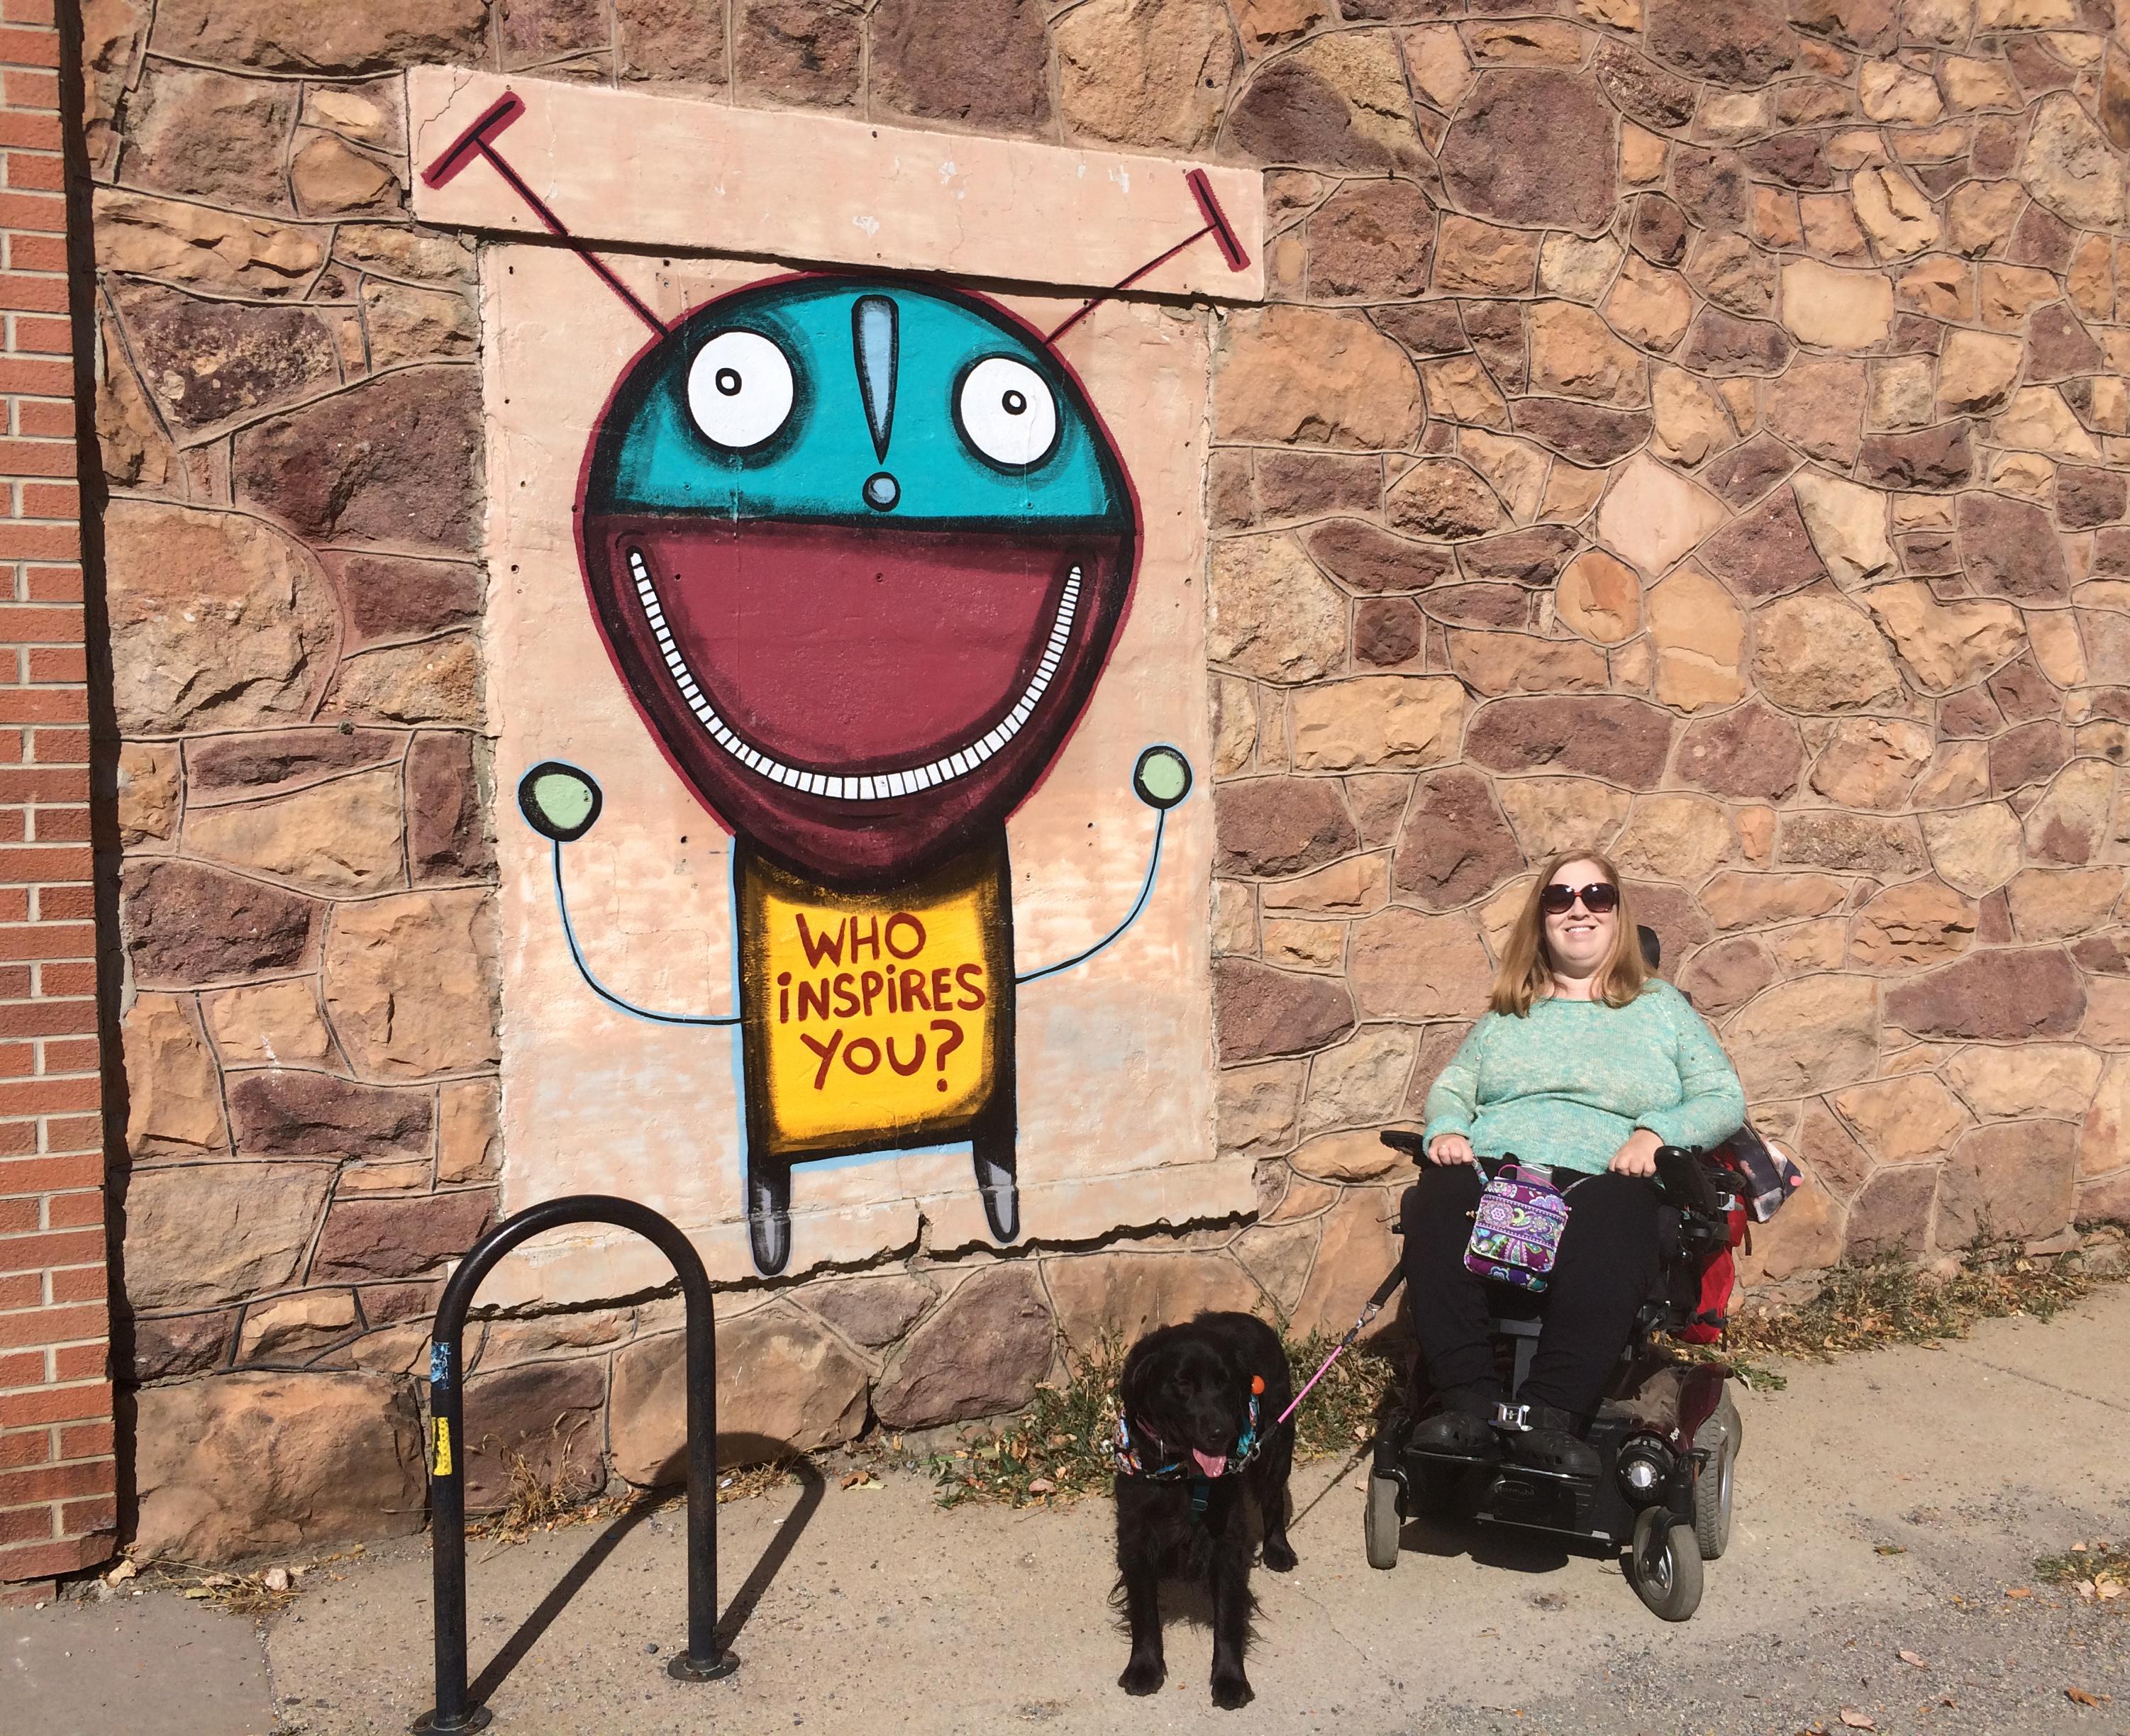 botjoy adorable robots that heal and inspire wheelin botjoy who inspires you